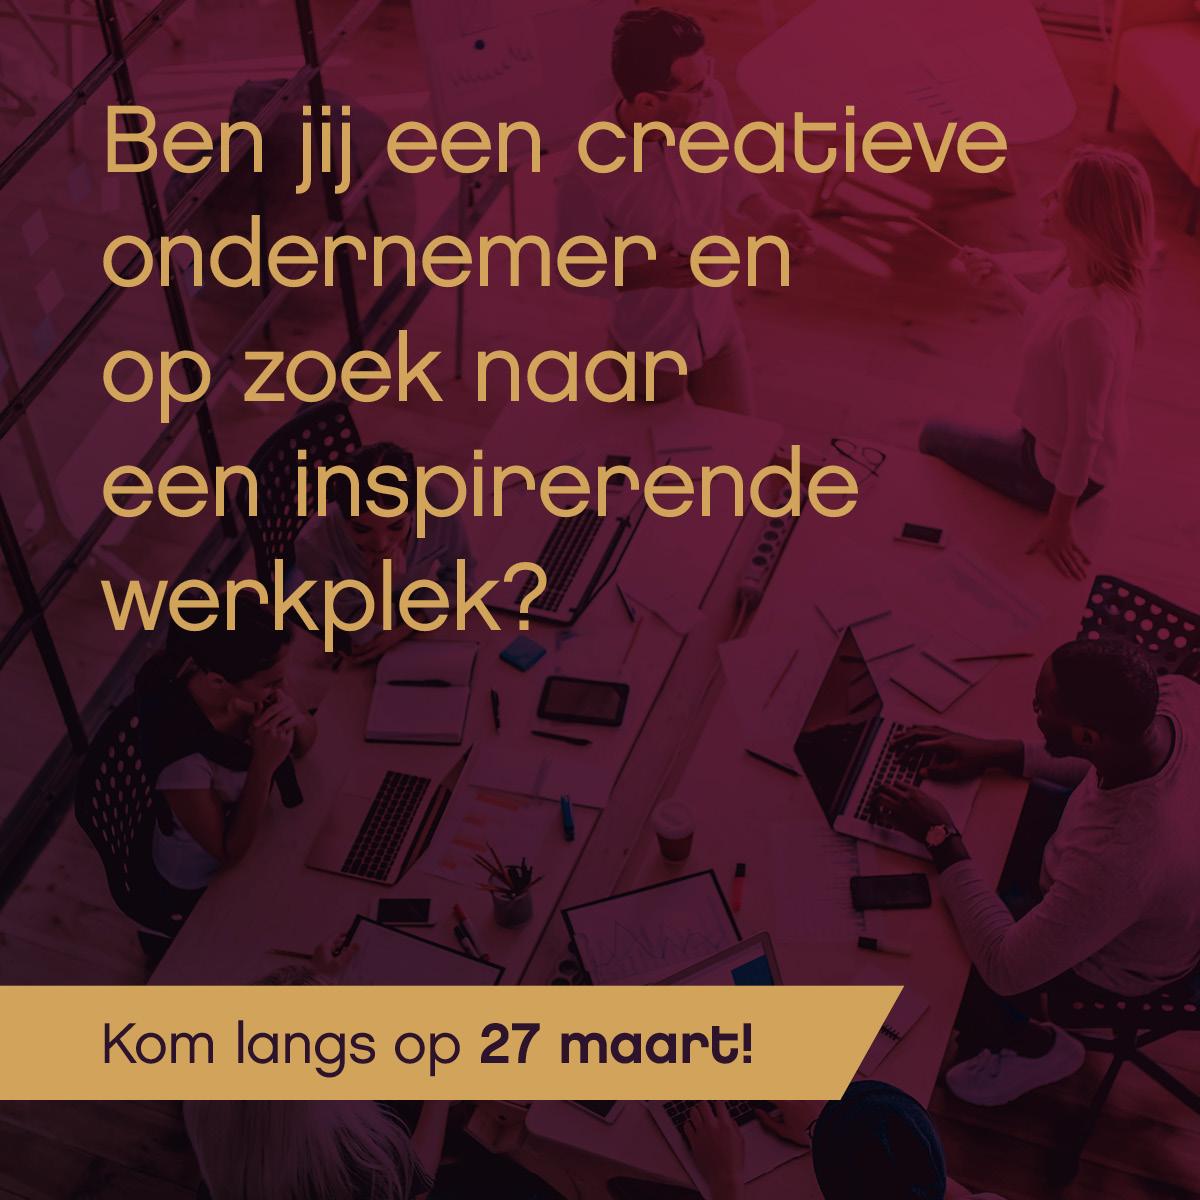 https://brandmatters.nl/app/uploads/2021/03/PAT21.07-Social-Visuals_v4.jpg